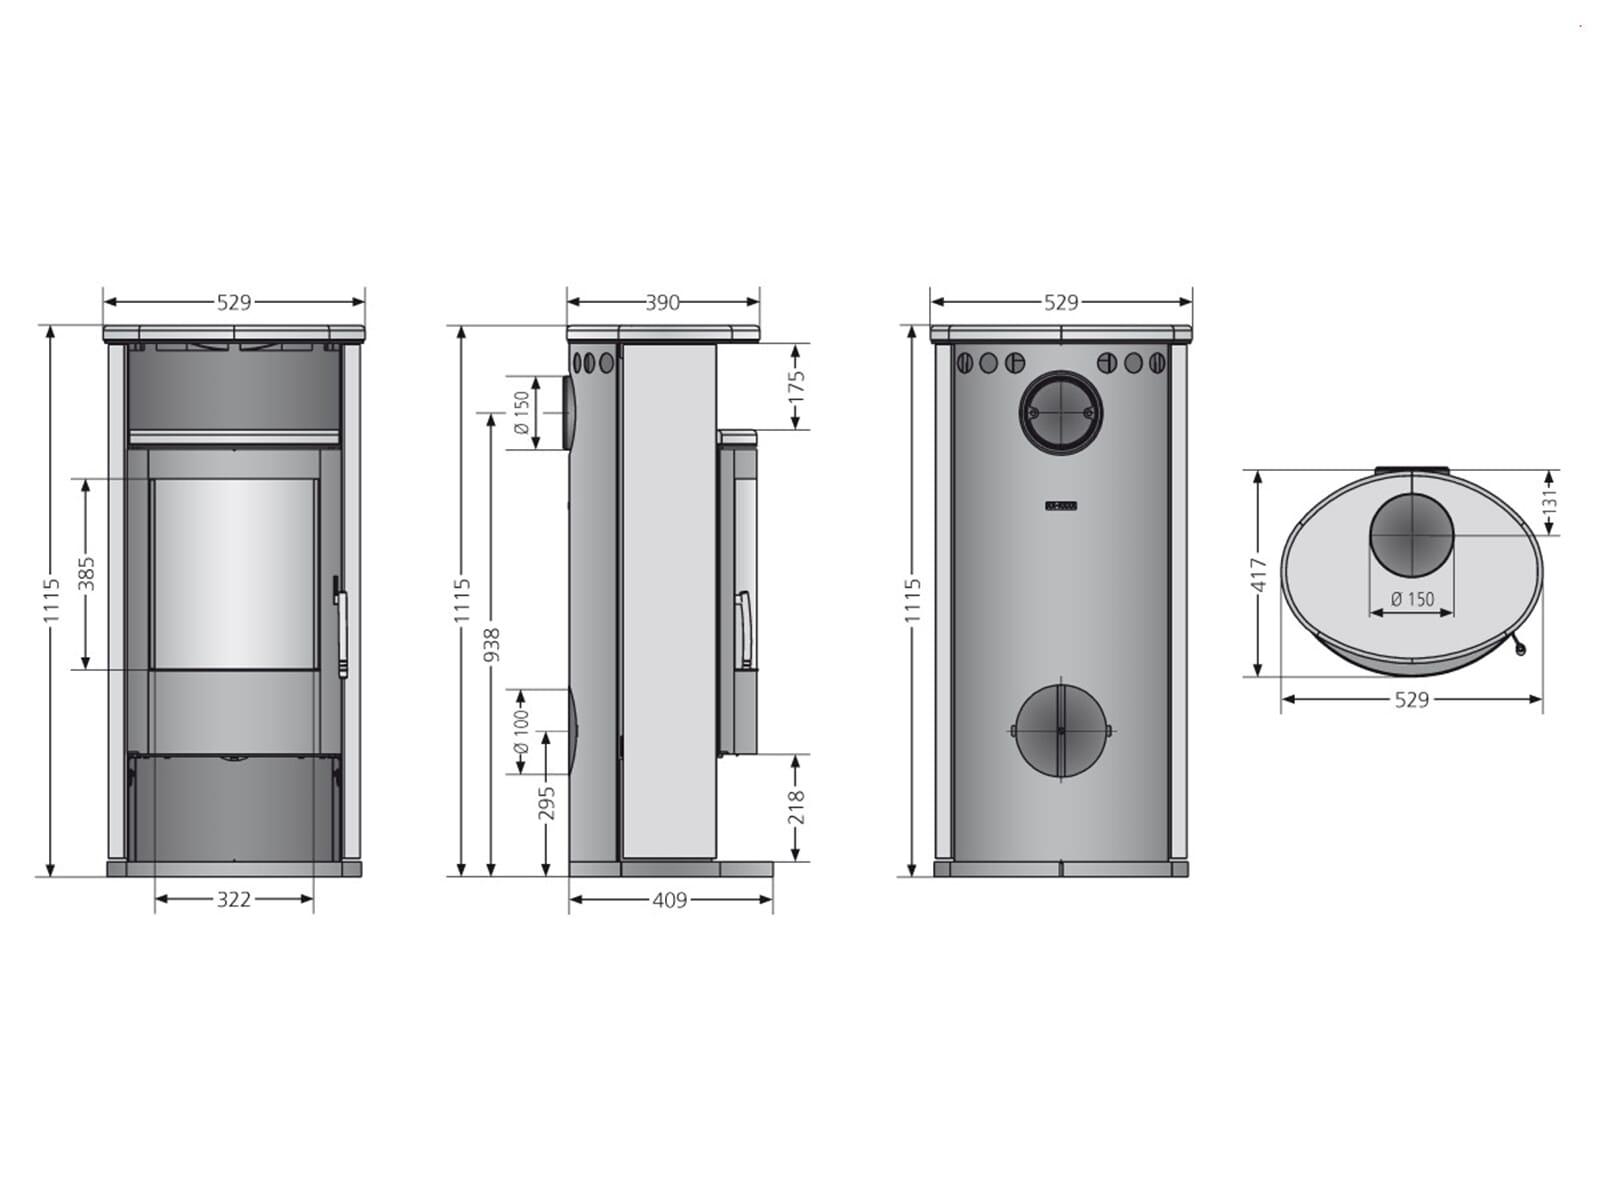 kaminofen speckstein g nstig sg12 hitoiro. Black Bedroom Furniture Sets. Home Design Ideas